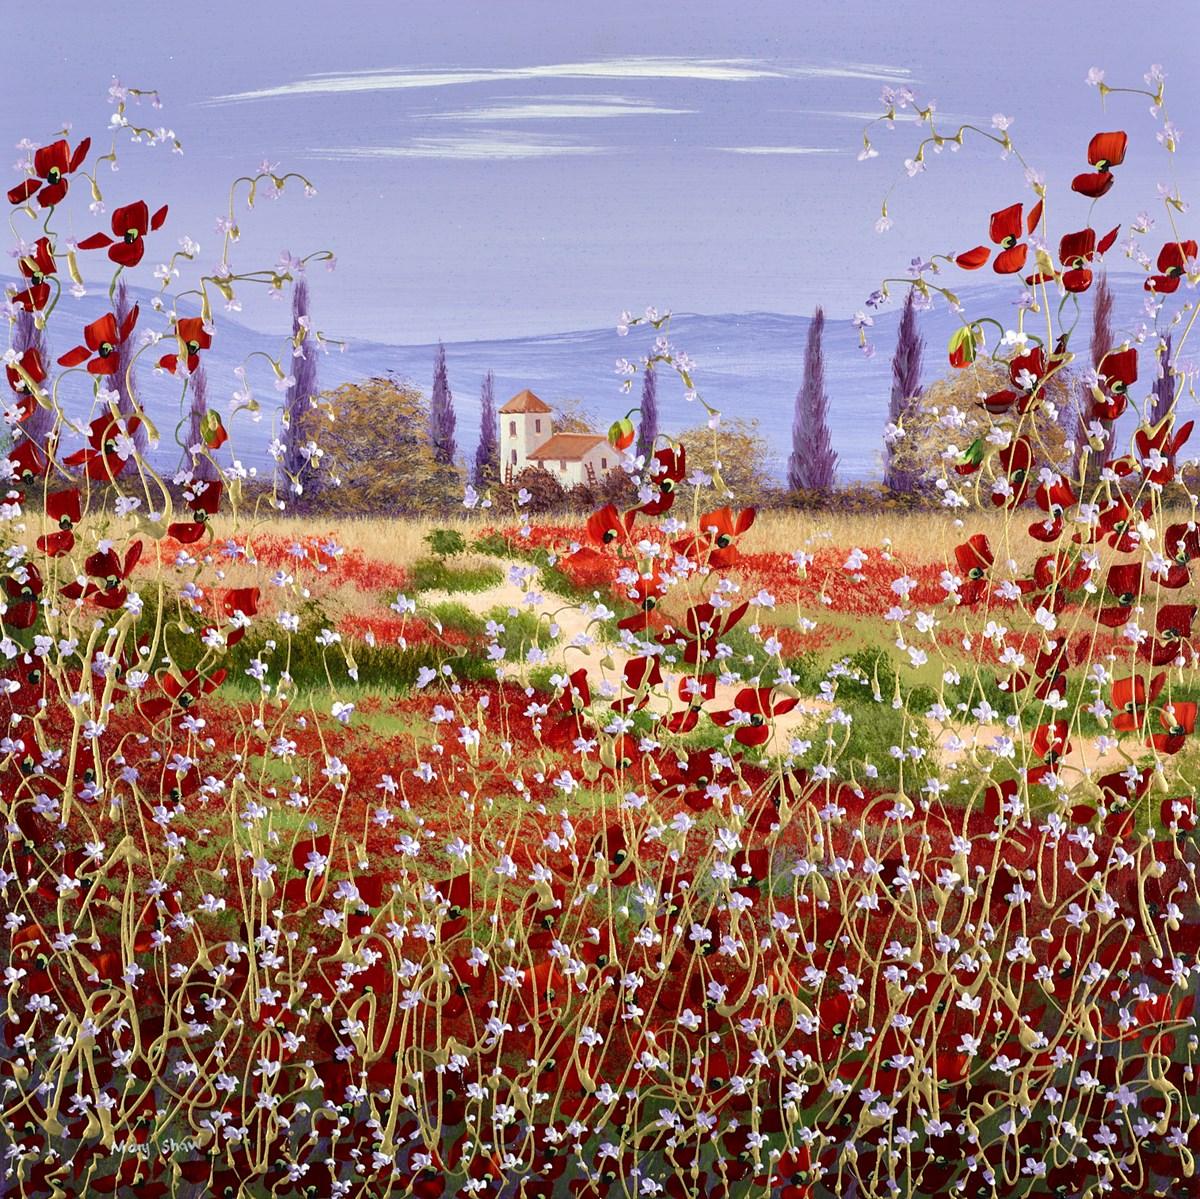 House in the Poppy Fields III